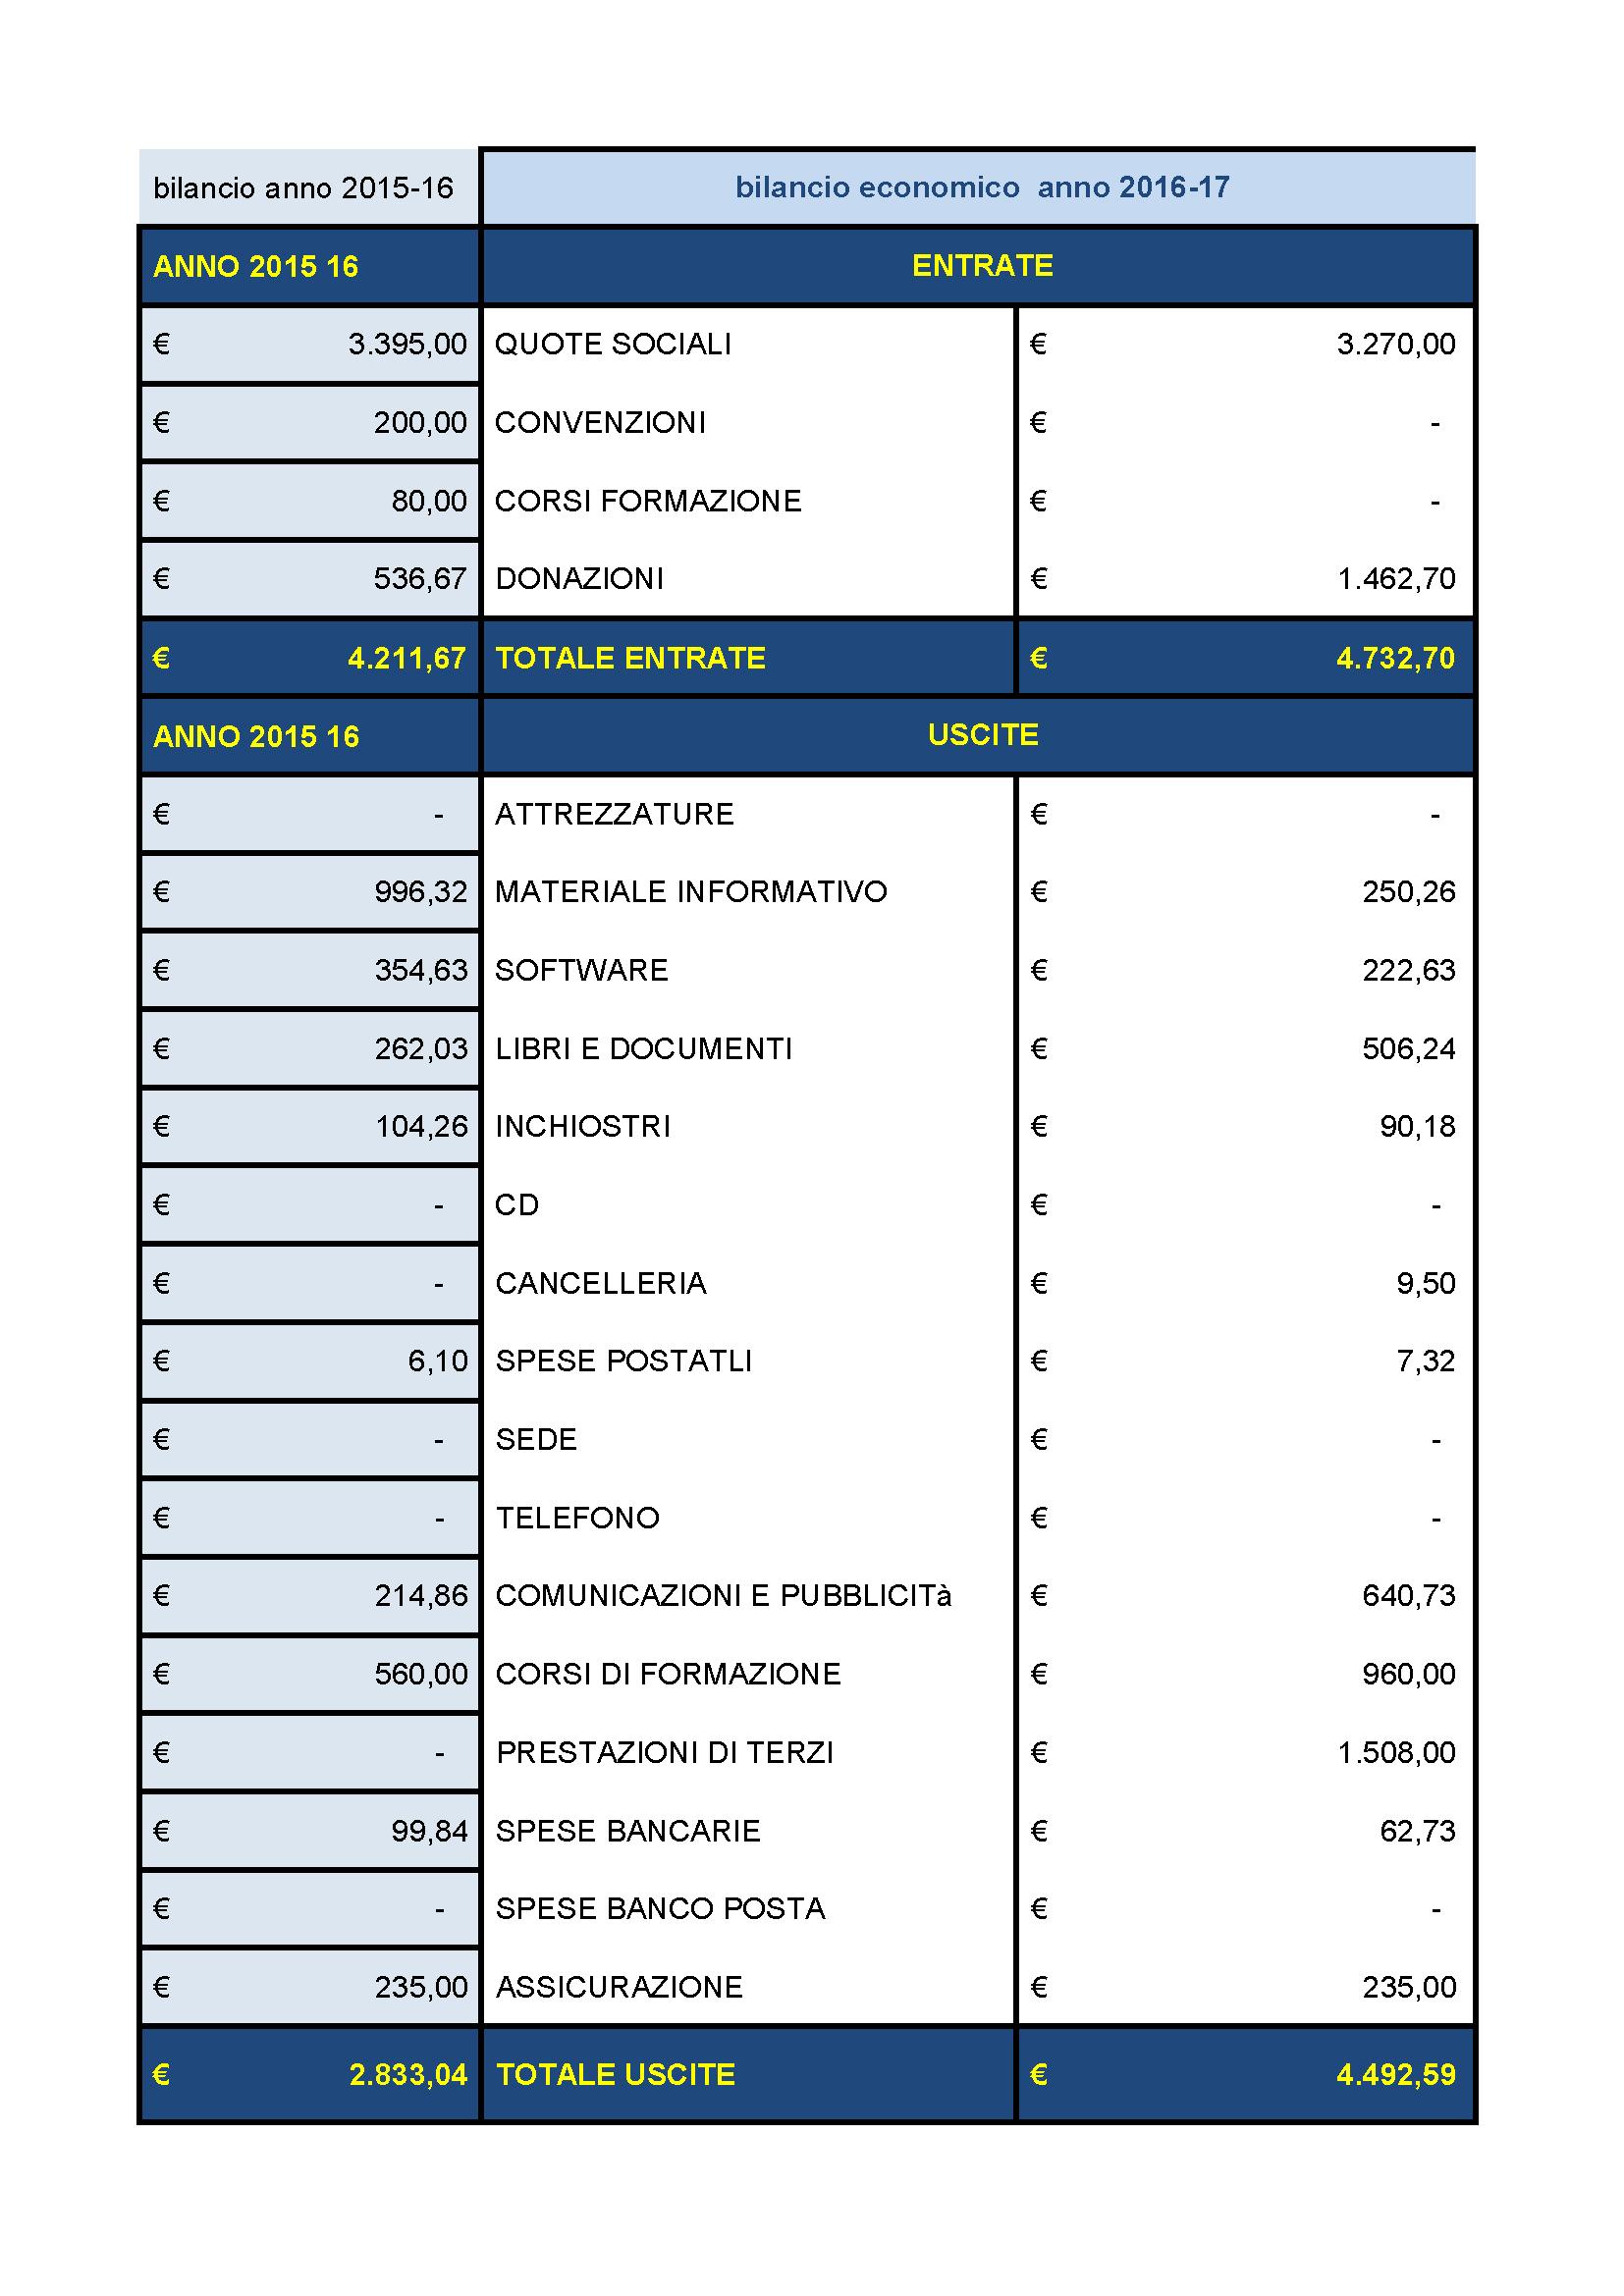 bilancio 2016-17 parte economica